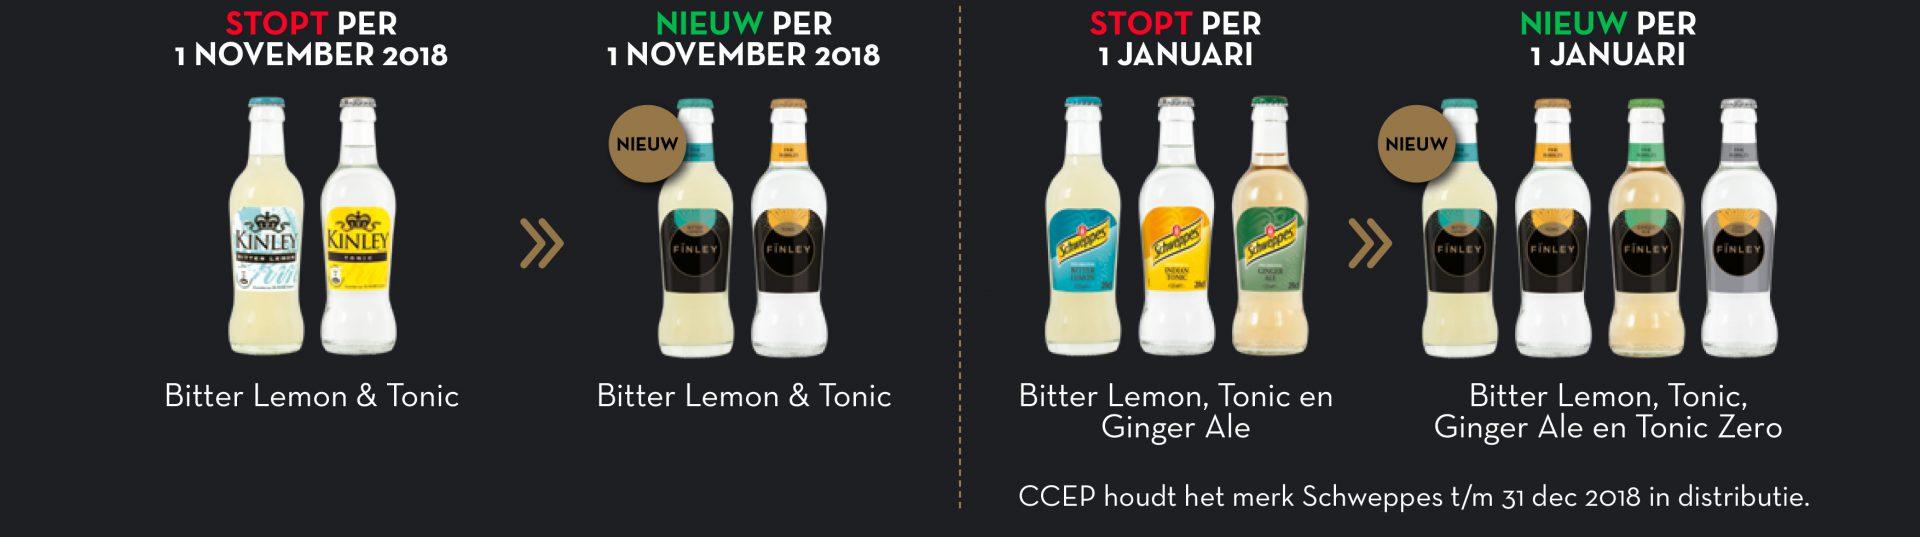 Nieuwsbrief-Nectar-Utrecht-Coca-Cola-Finley-Bitter-Lemon-Tonic-wijzigingen